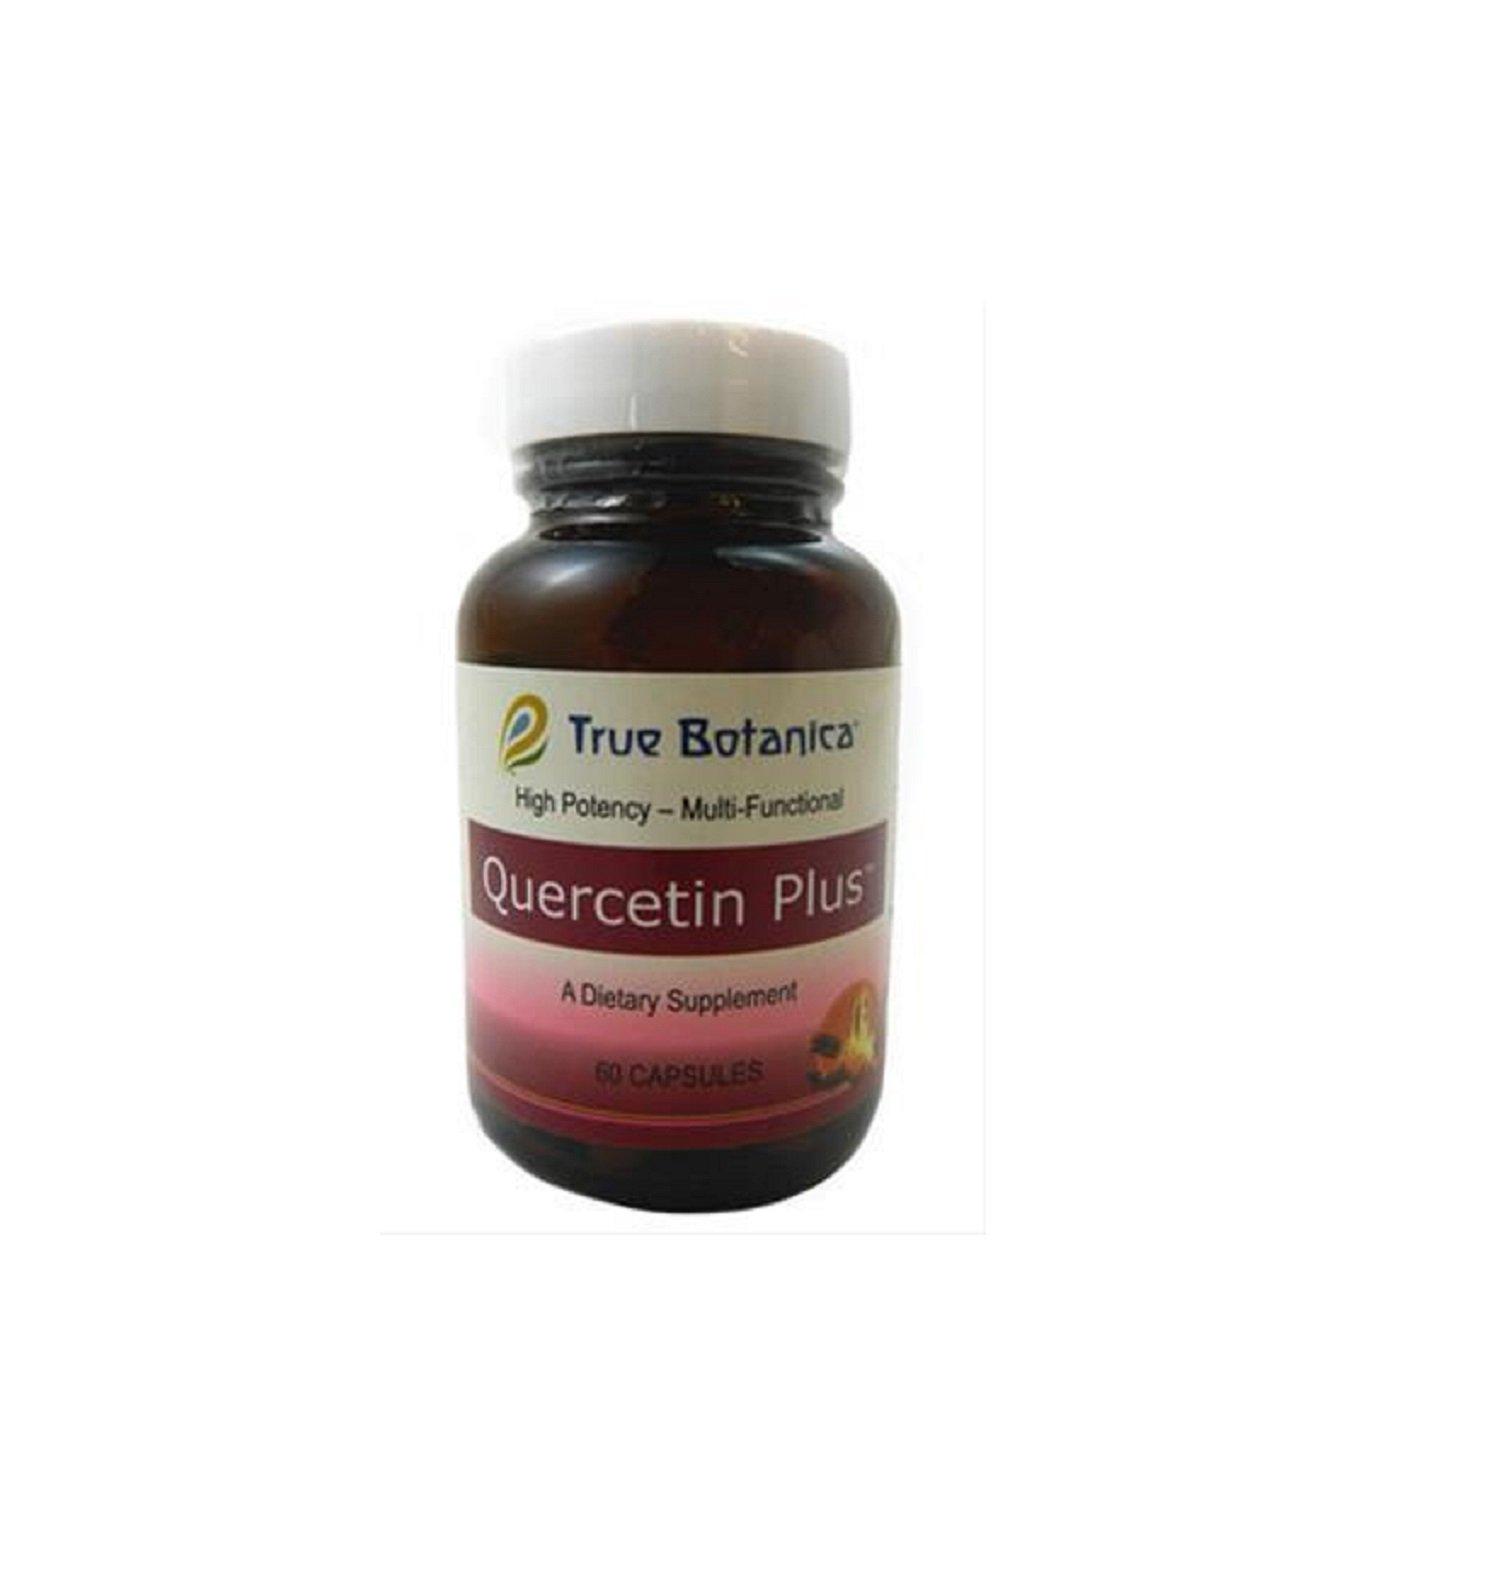 True Botanica Quercetin Plus - Multi-Functional Dietary Supplement 60 Caps